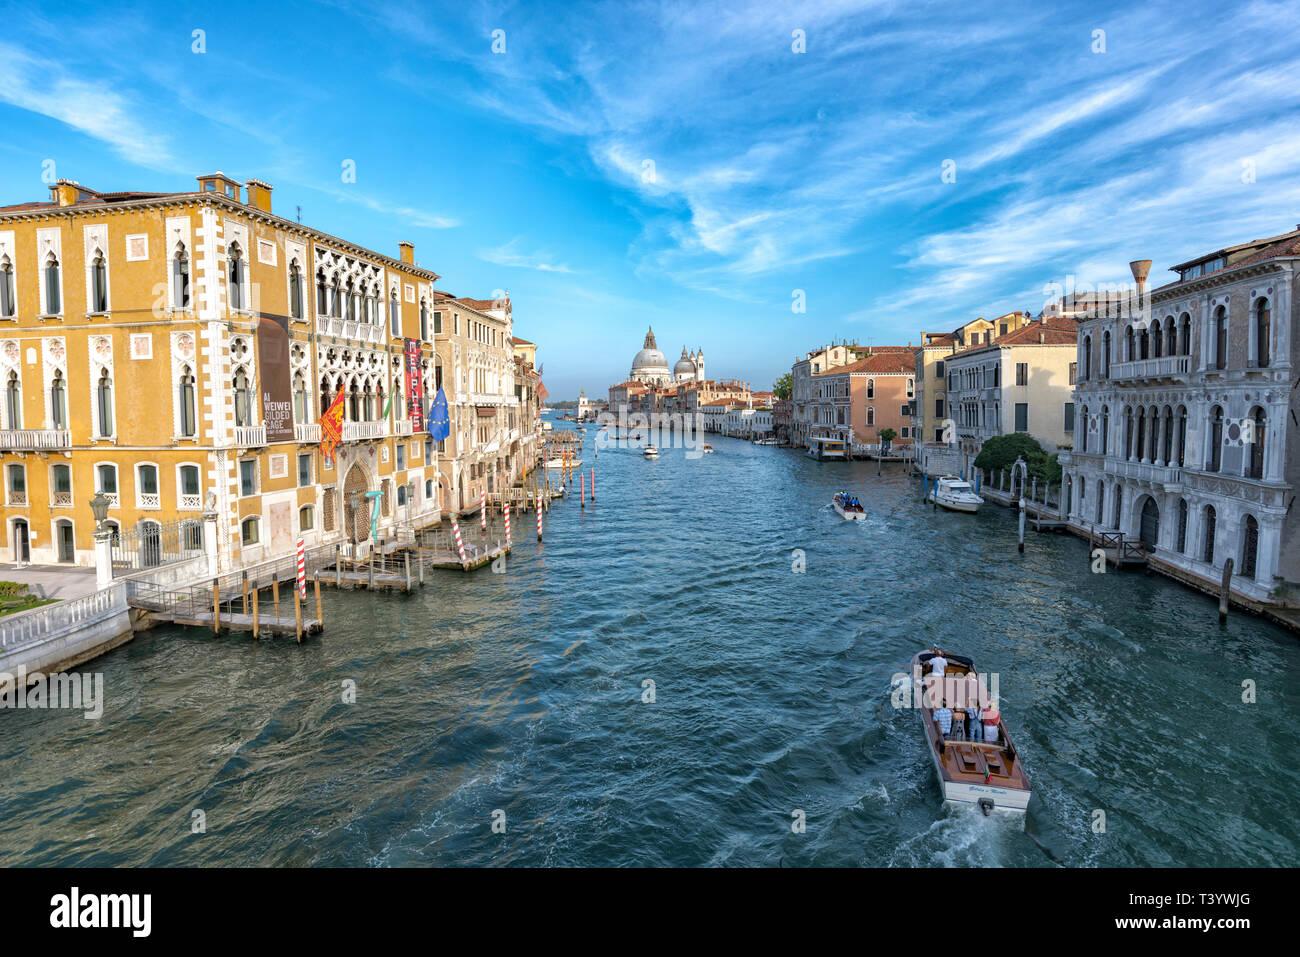 L'Italie. Septembre 2018 Venise. Paysage urbain du Grand Canal à Venise avec des bateaux Banque D'Images